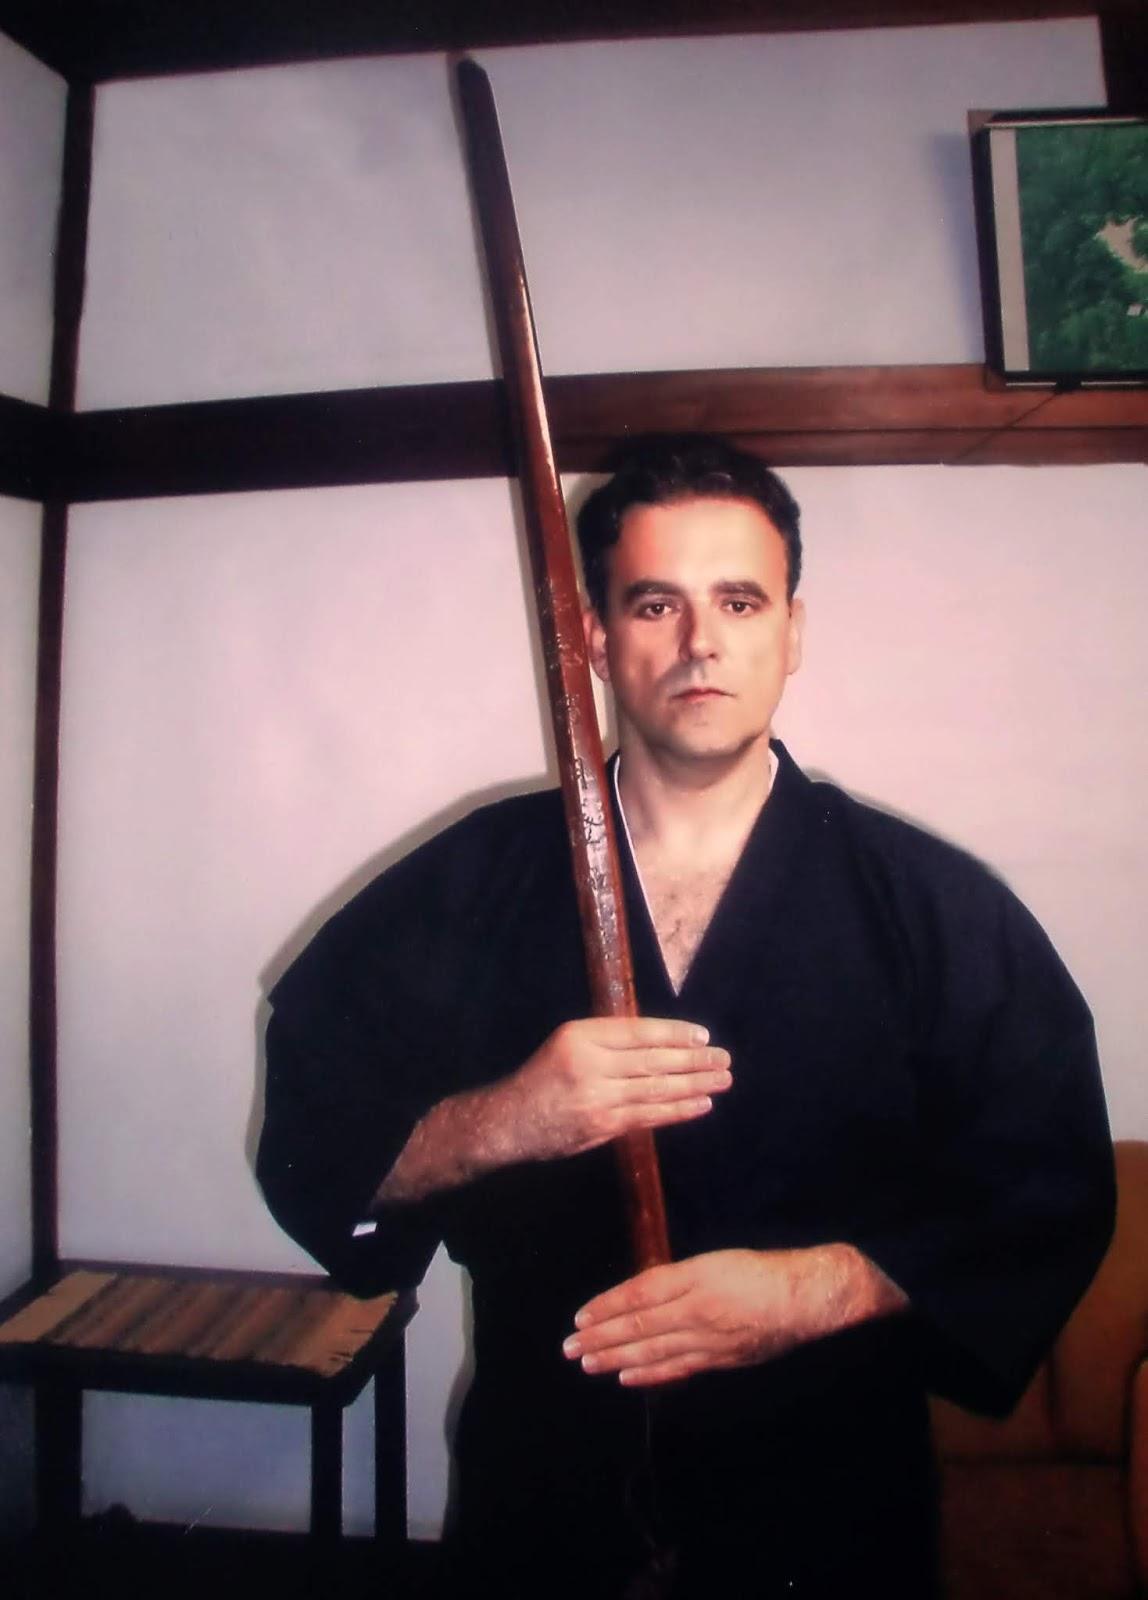 實 相 圓 満 之 木刀 - Jisso Enman no Bokuto: La espada de madera de Miyamoto Musashi